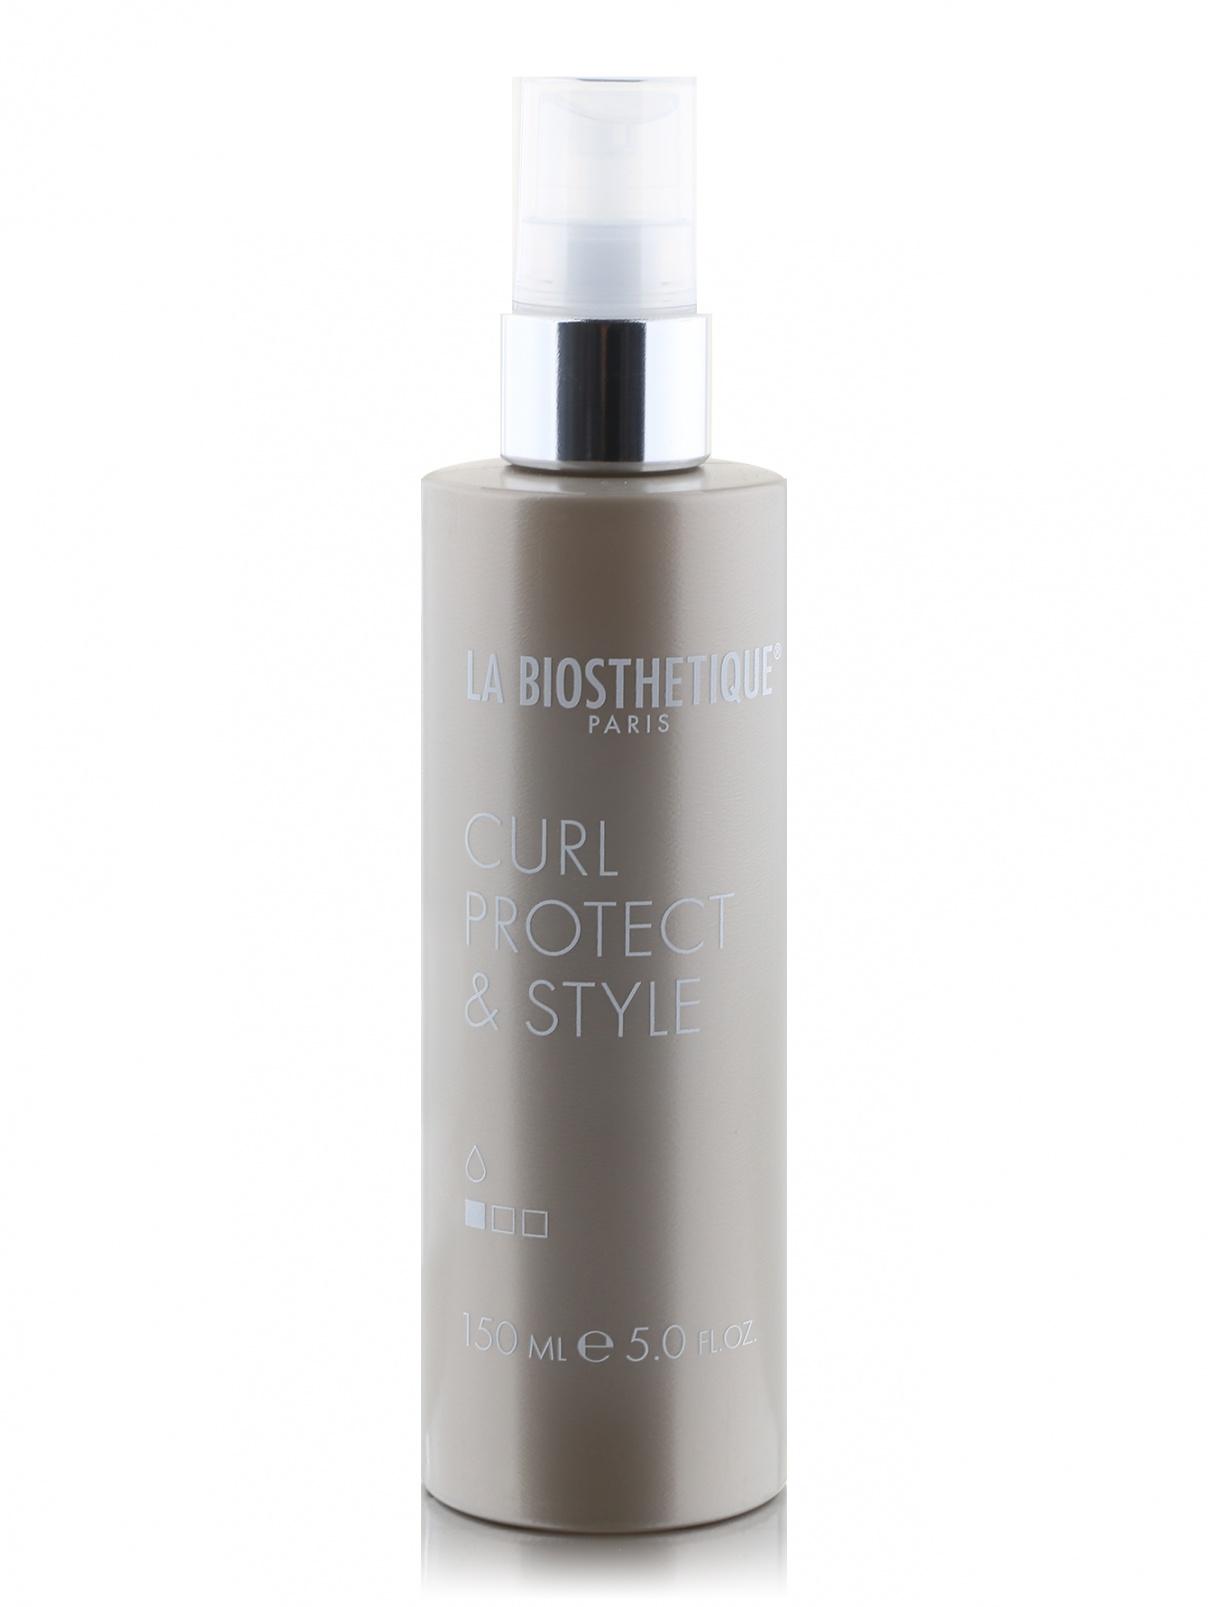 Термоактивный спрей для укладки и защиты кудрей - Hair Care, 150ml La Biosthetique  –  Общий вид